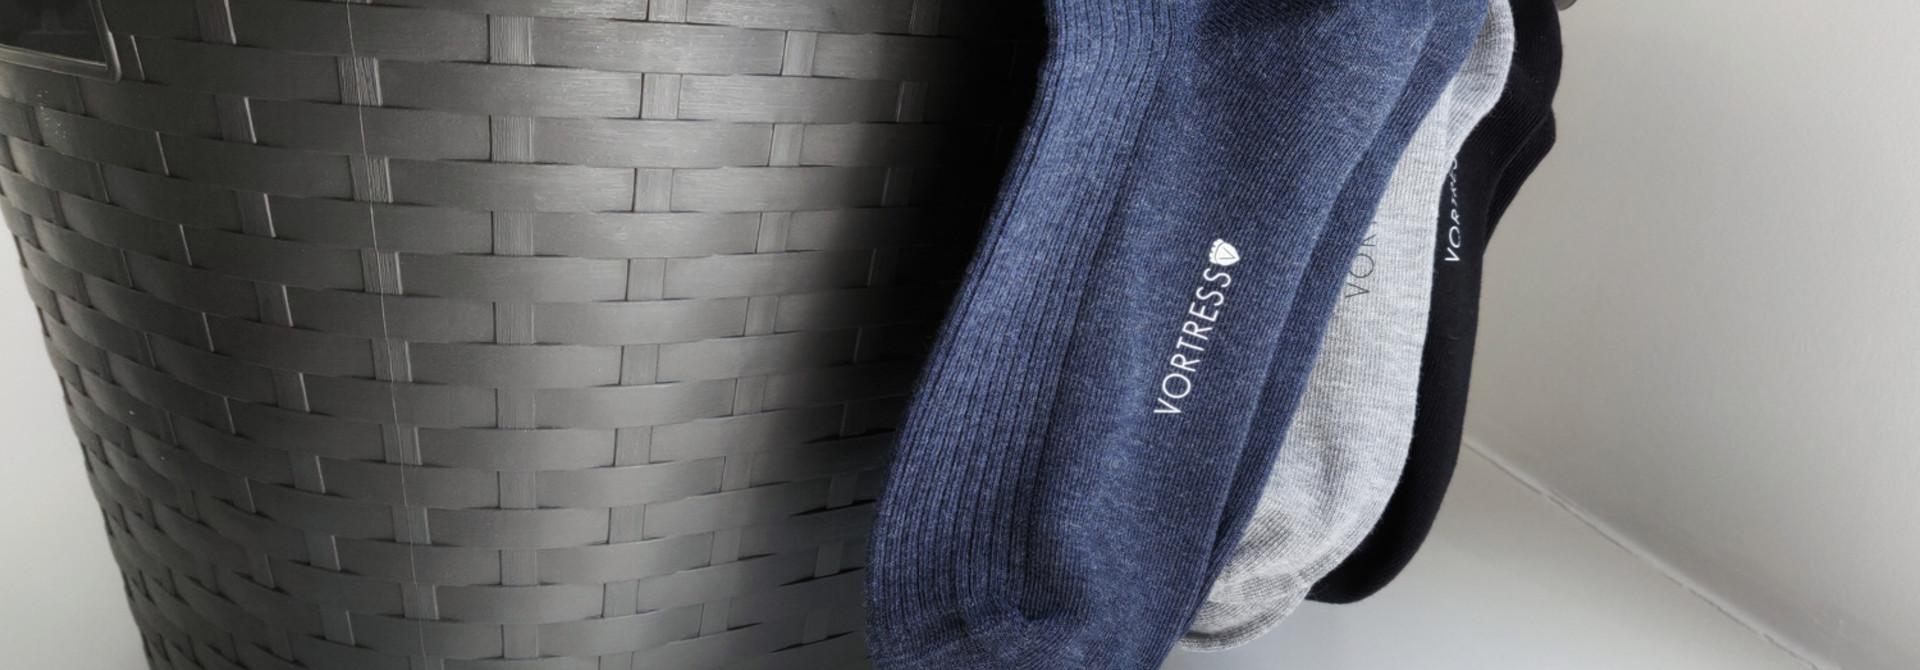 3 tips voor het wassen van je sokken